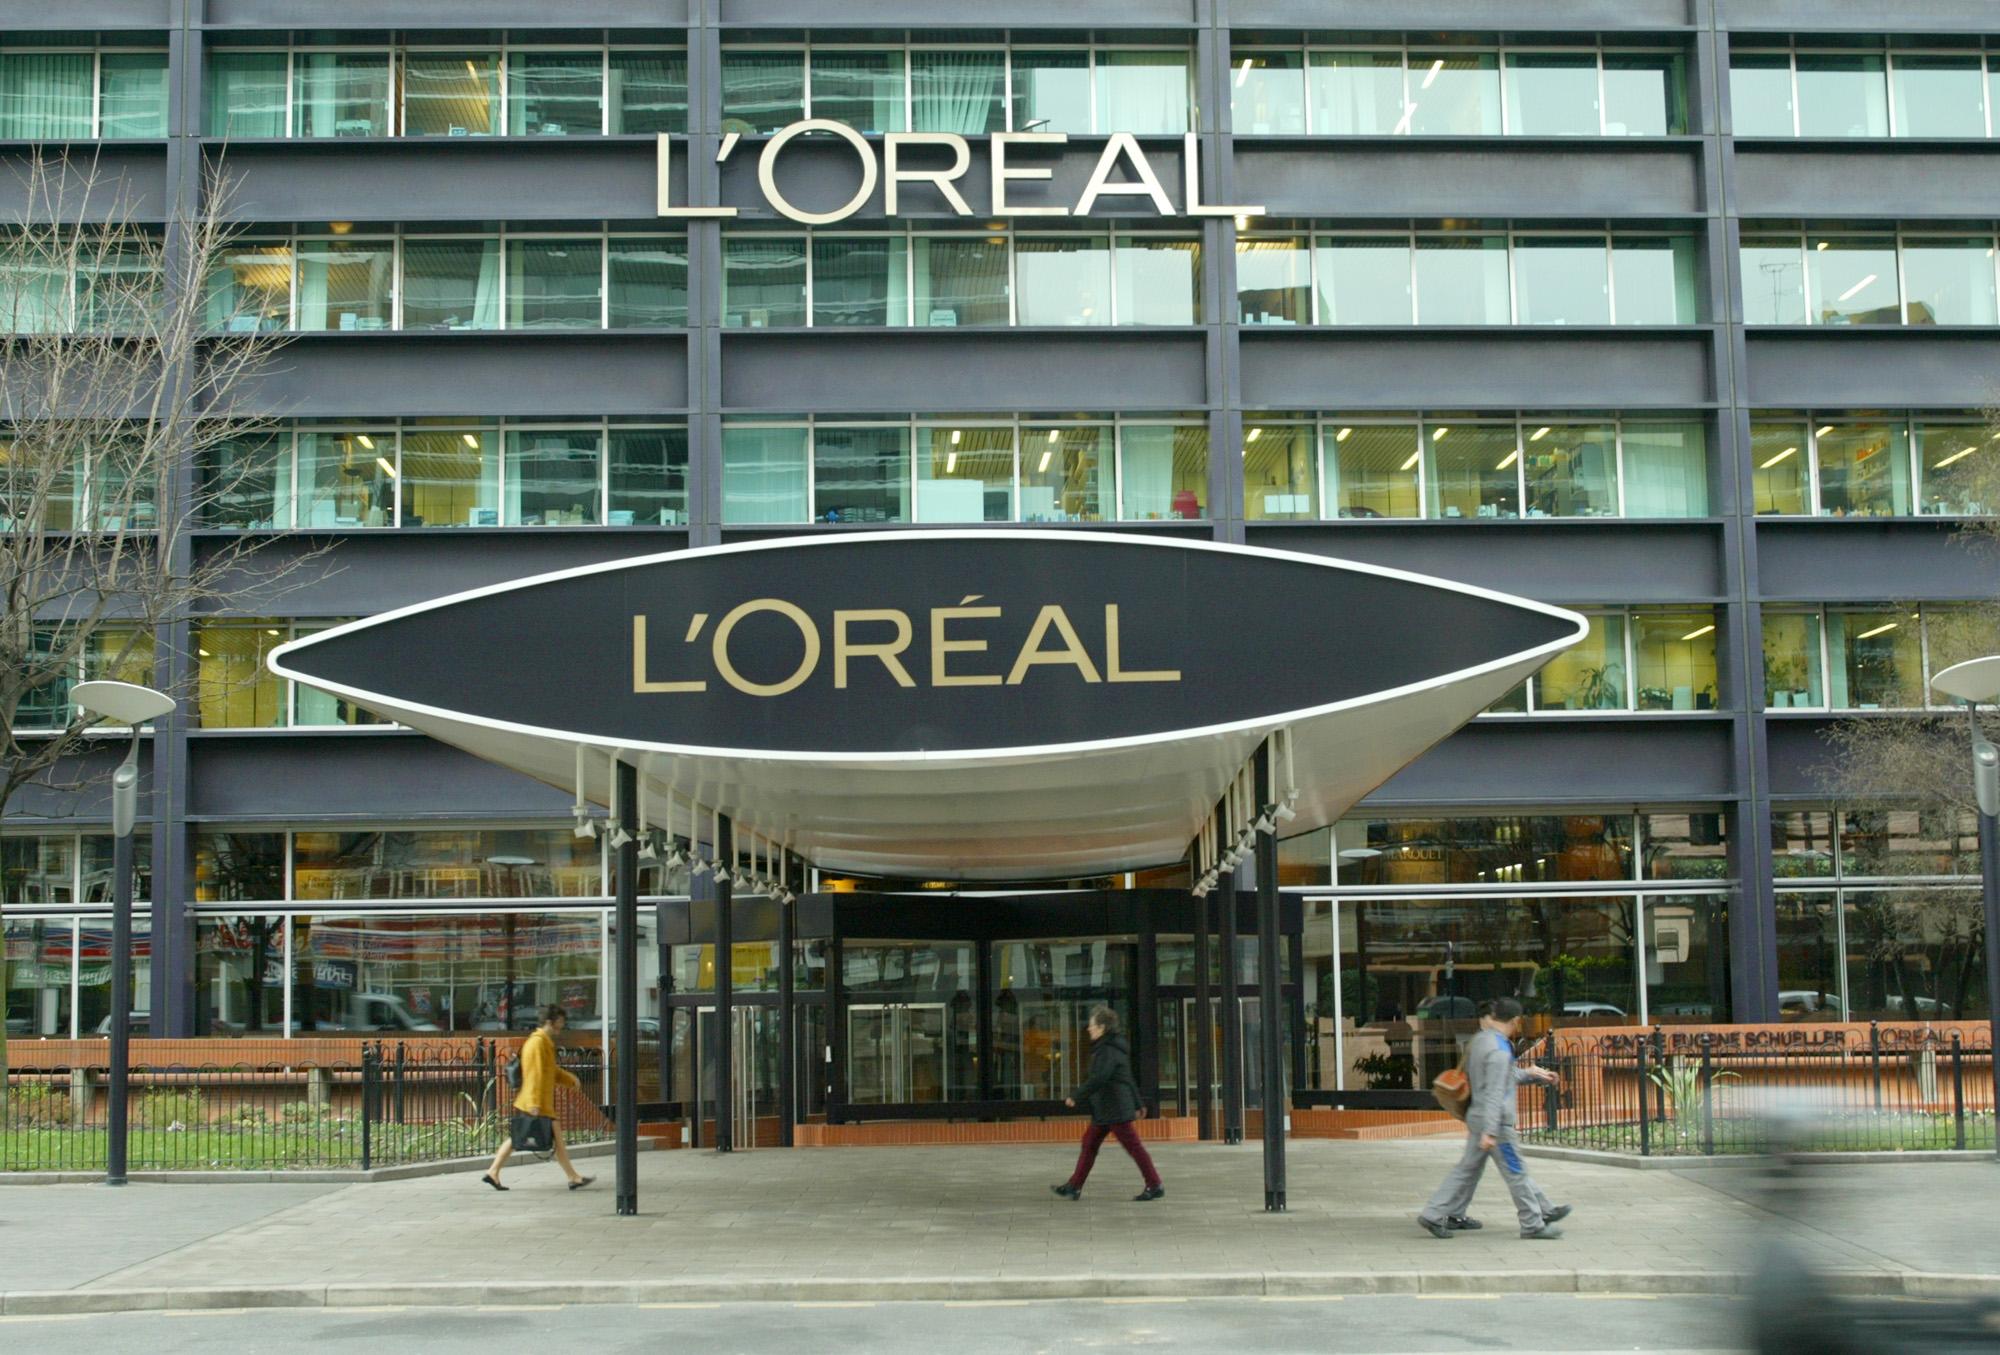 L'Oréal - Ventas de marcas de lujo de L'Oréal crecen un 10.5 %